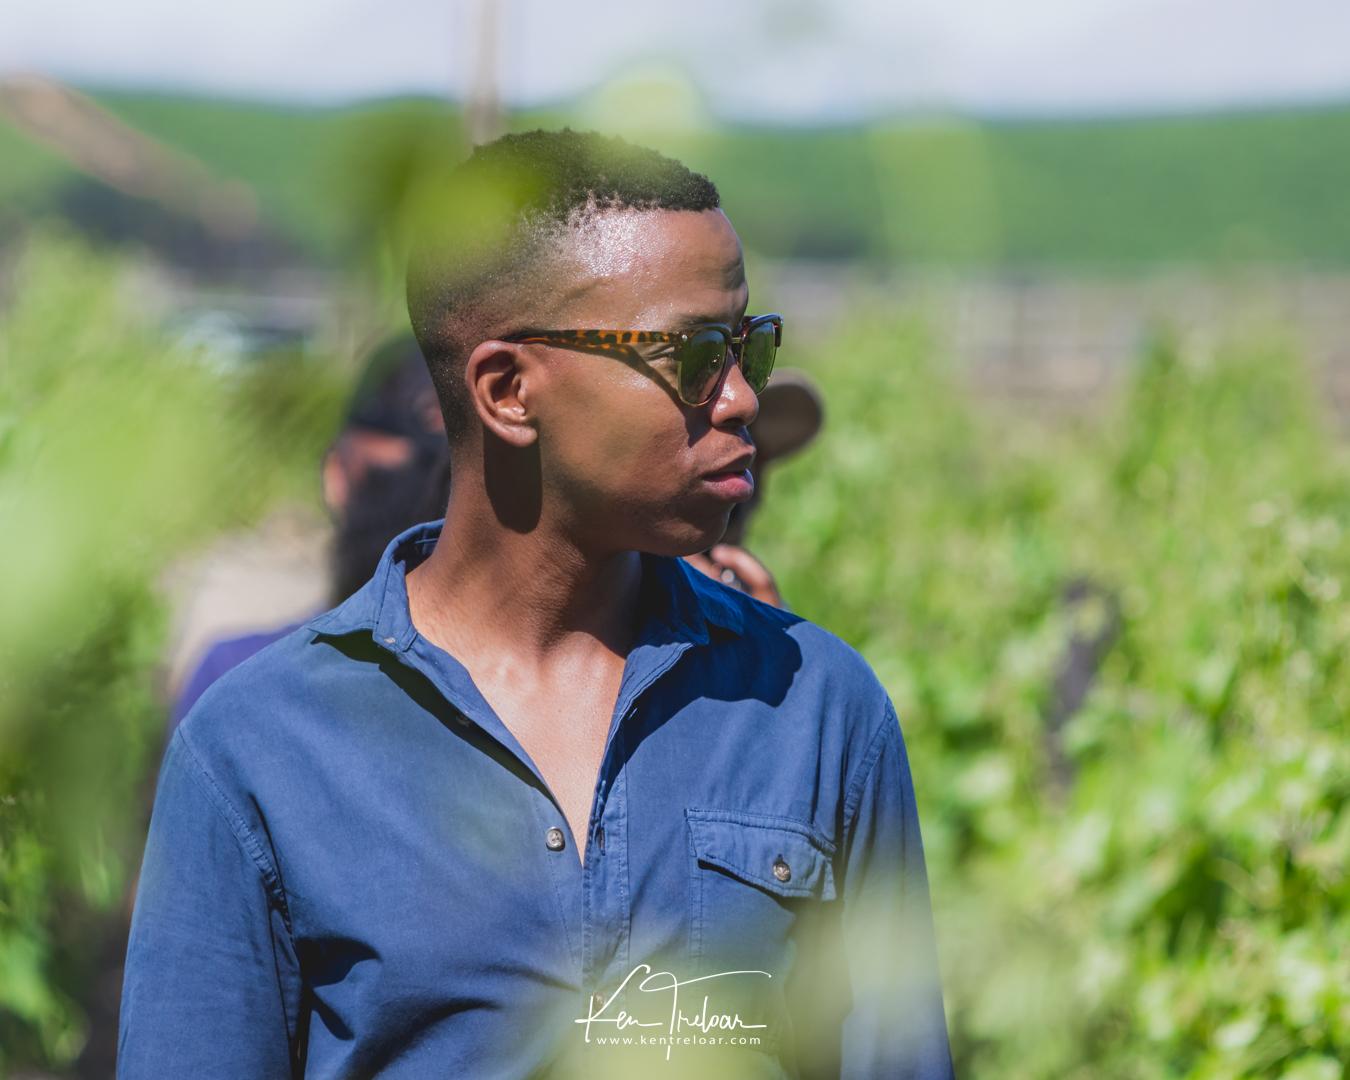 Ken Treloar Photography - Stellenbosch Brennaisance Best Friends photoshoot Cape Town B2-13.jpg